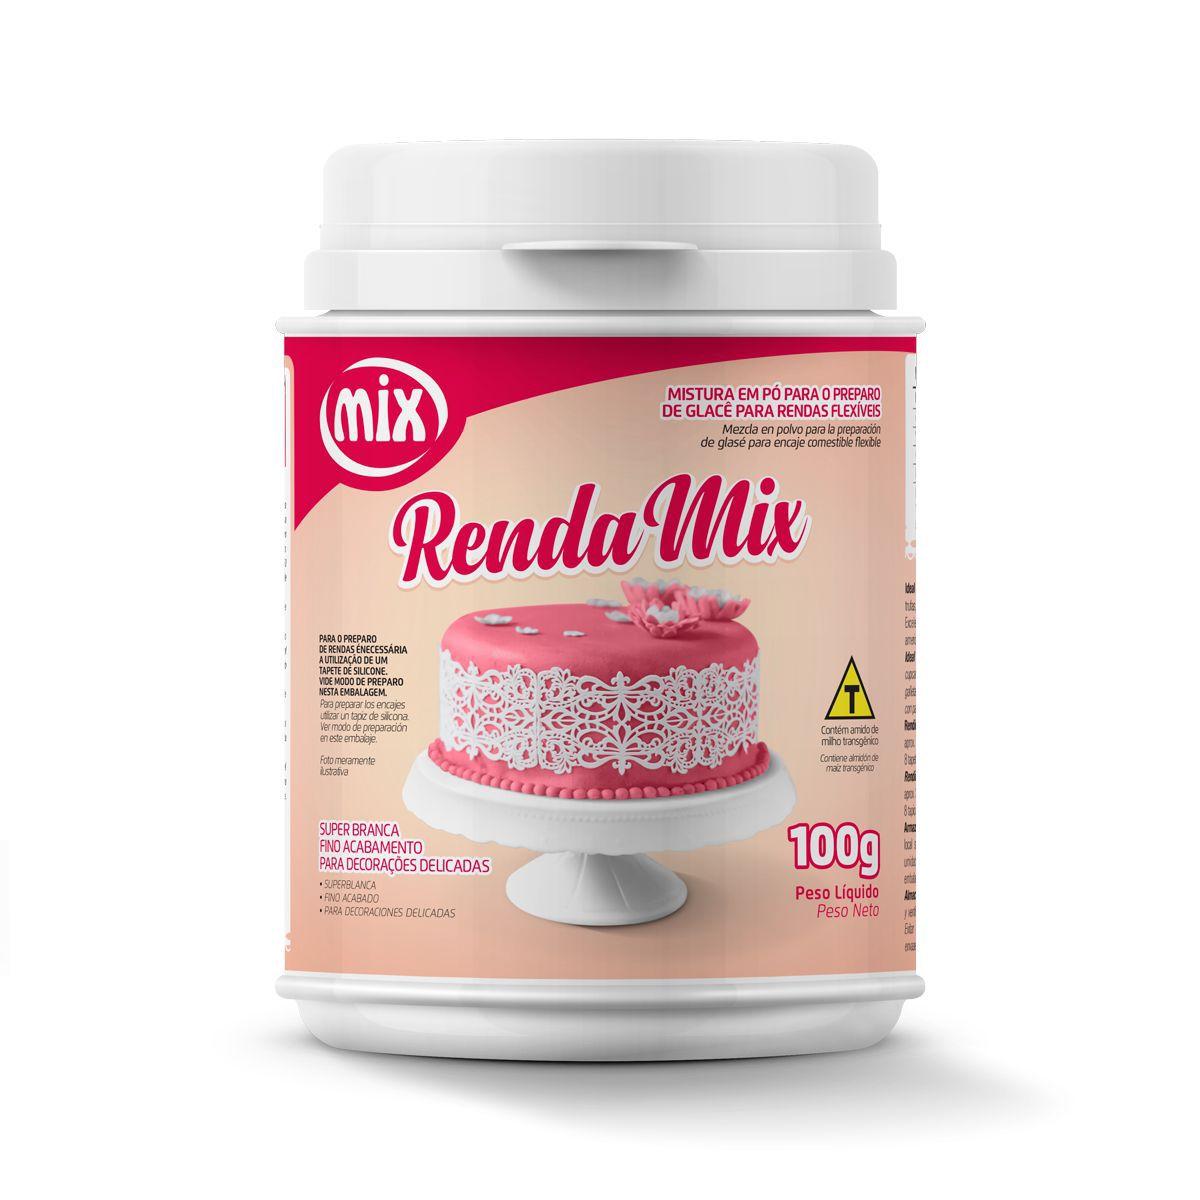 Renda Mix Mistura em Pó para o preparo de Glacê para rendas flexíveis 100g